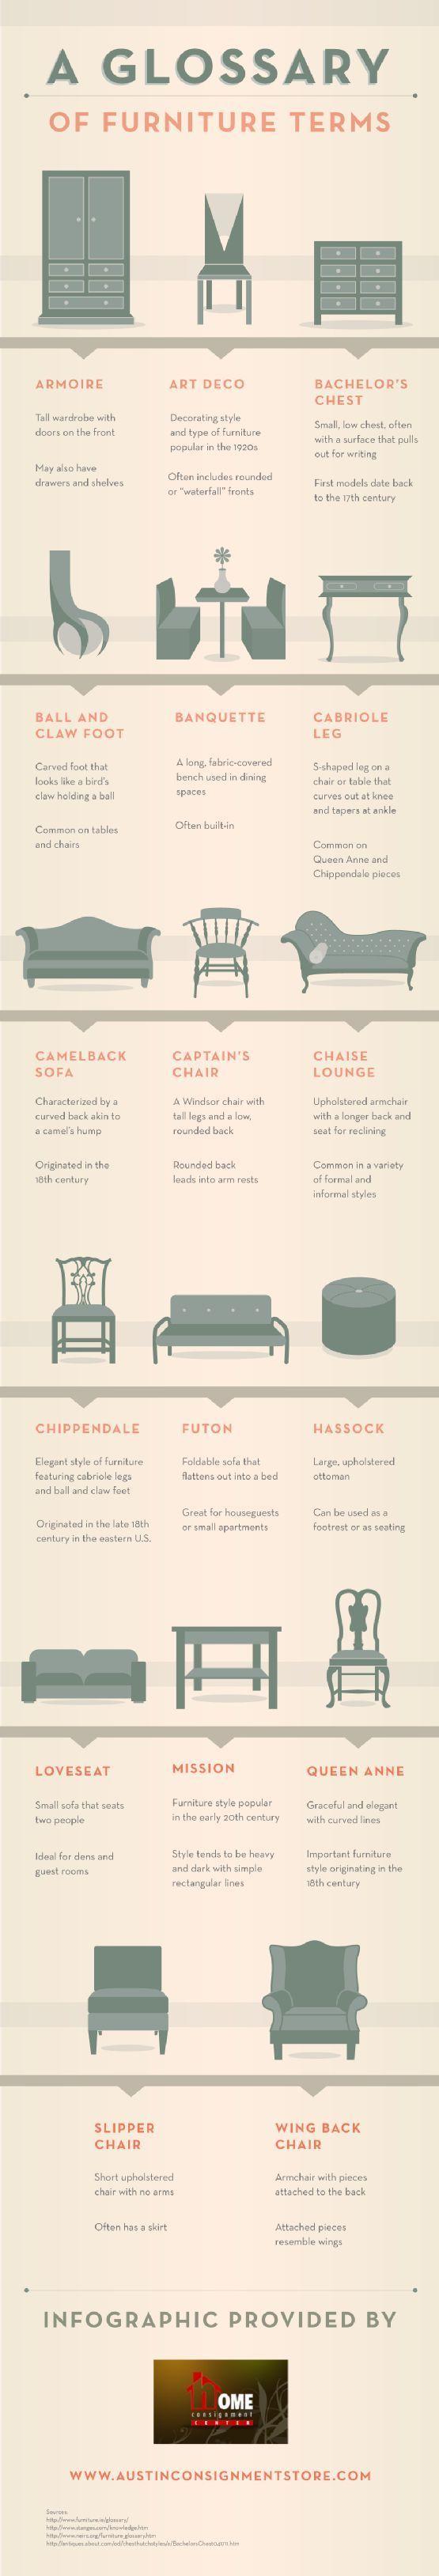 9 best Home Design images on Pinterest | Decor ideas, Design ideas ...